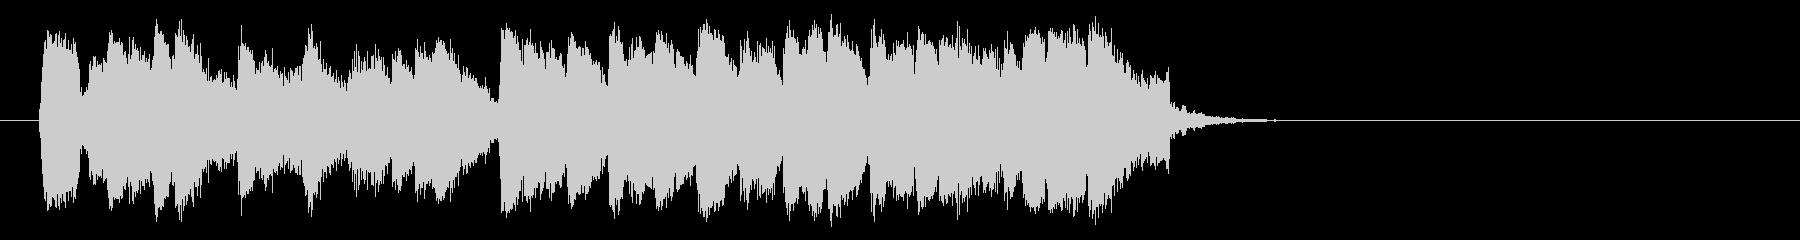 懐しいビッグバンドジャズ(サビ)の未再生の波形